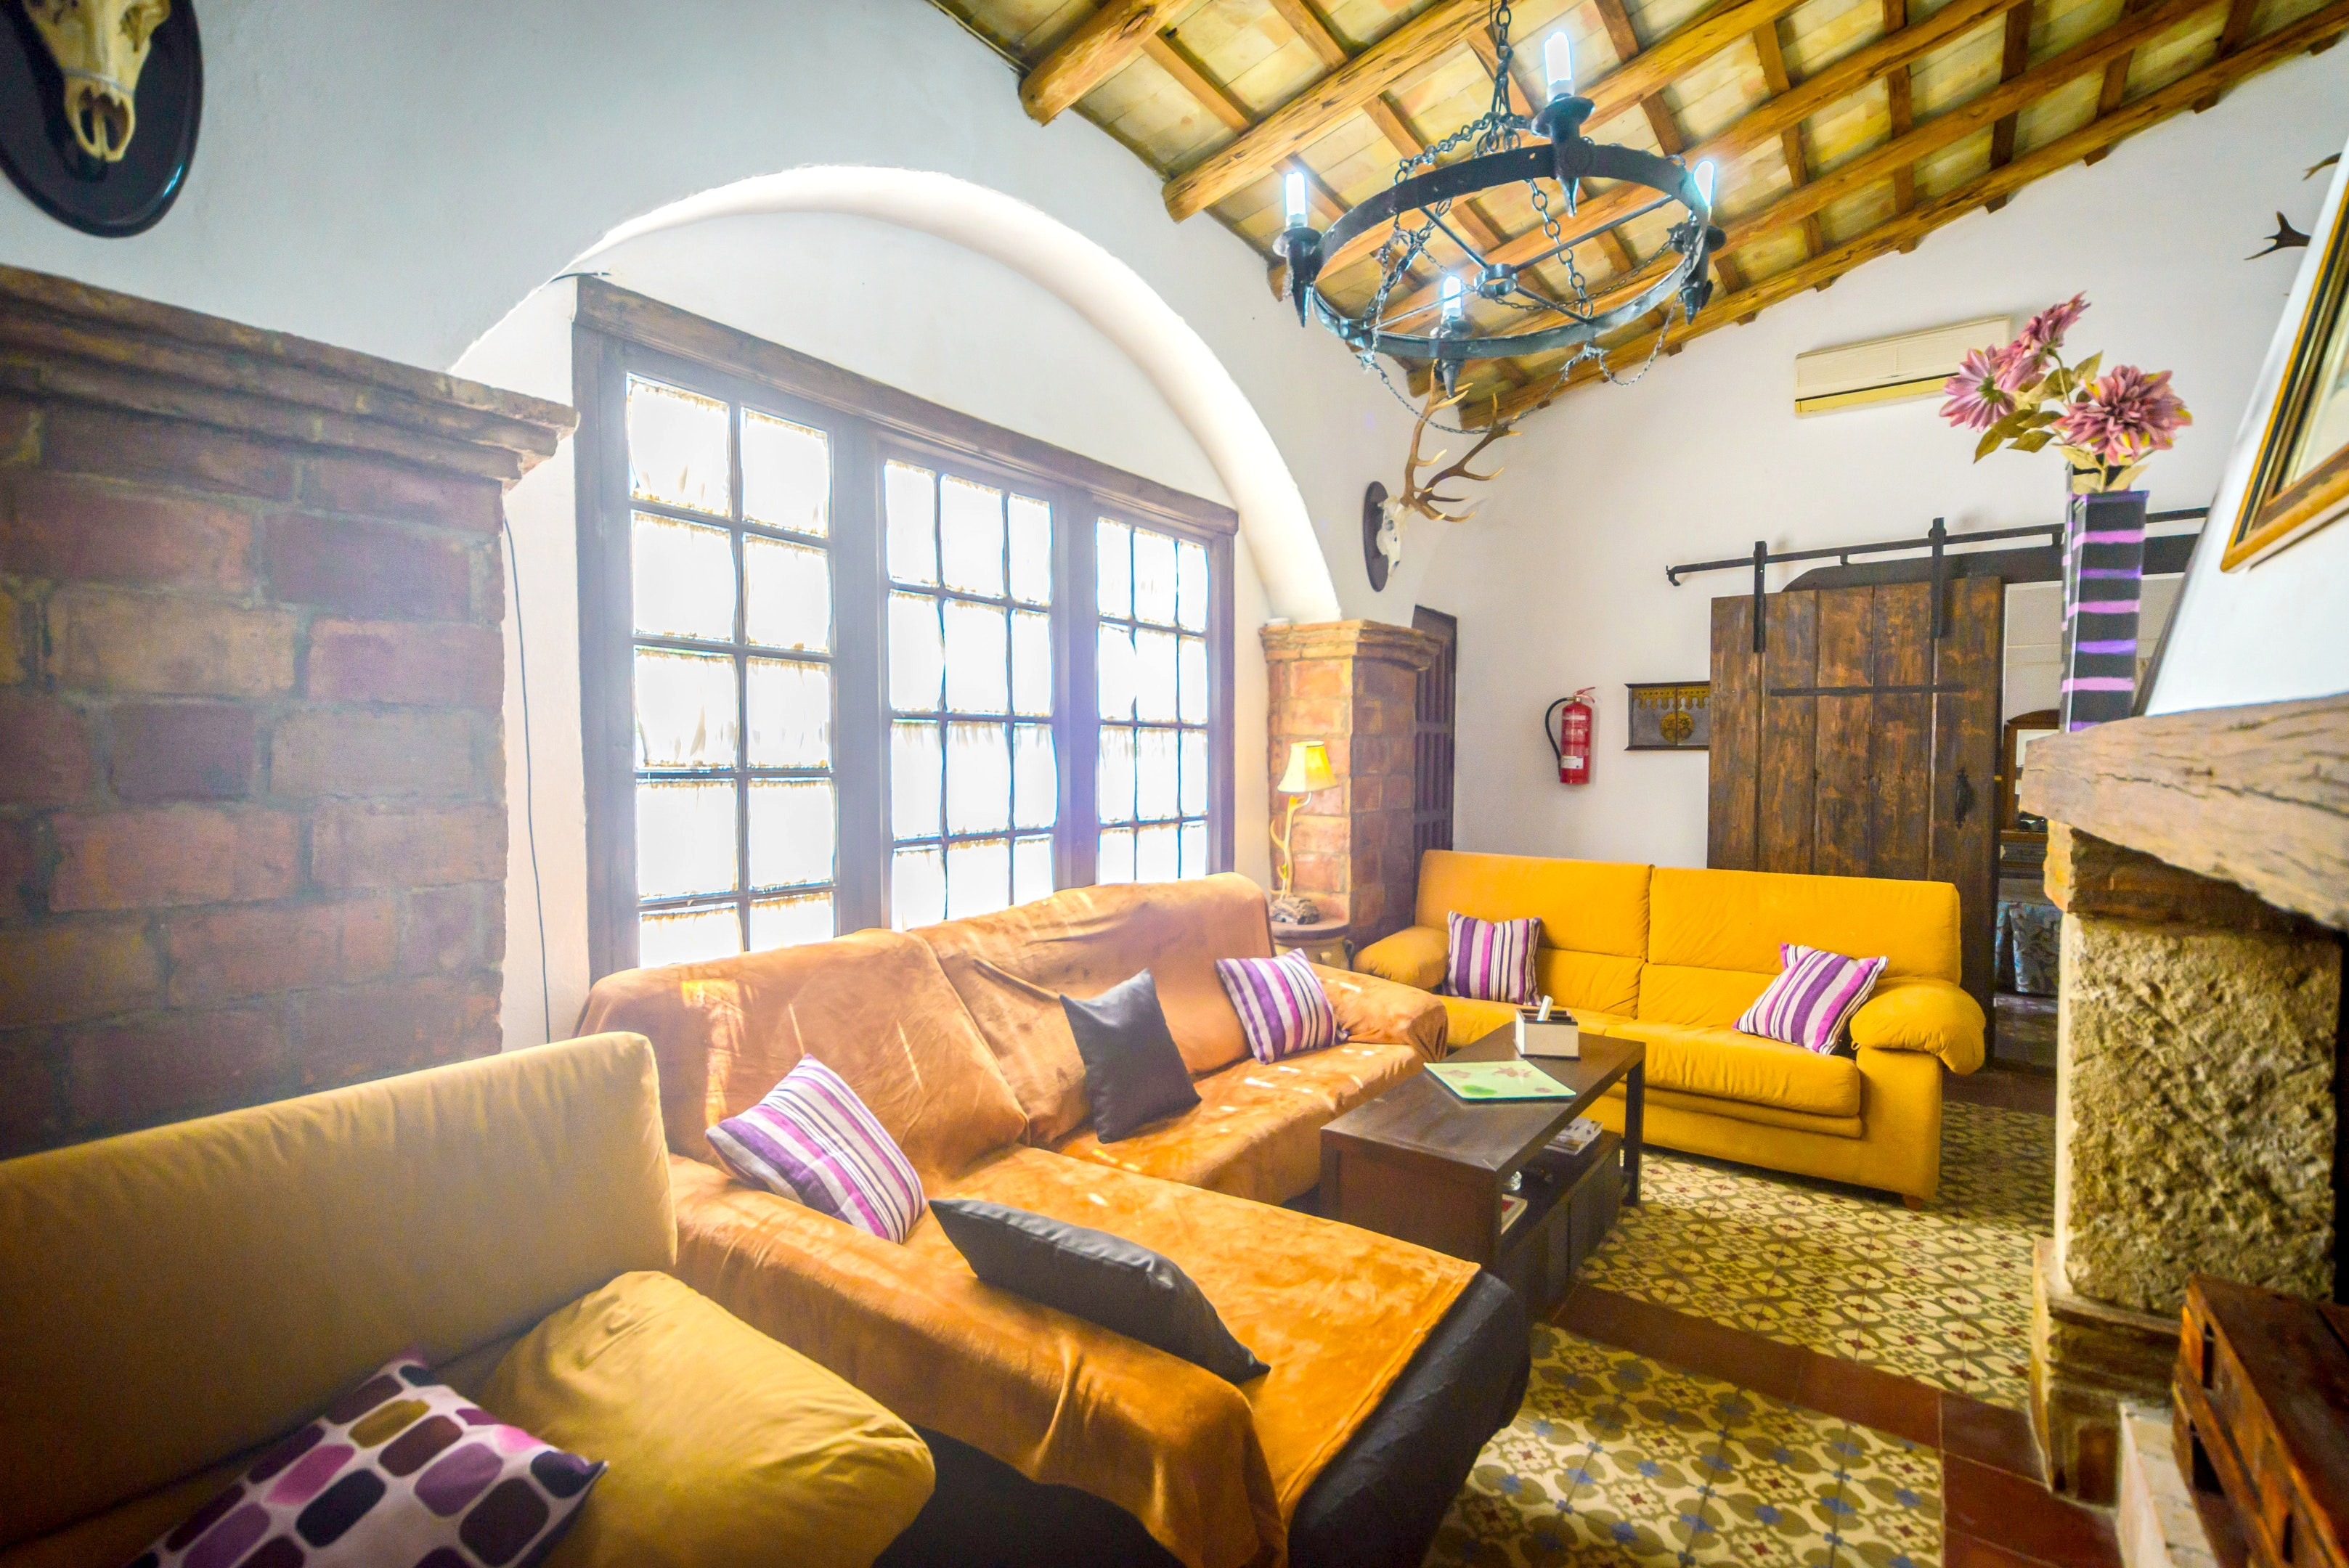 Ferienhaus Villa mit 3 Schlafzimmern in Peñaflor mit privatem Pool, eingezäuntem Garten und W-LAN (2208249), Peñaflor, Sevilla, Andalusien, Spanien, Bild 13